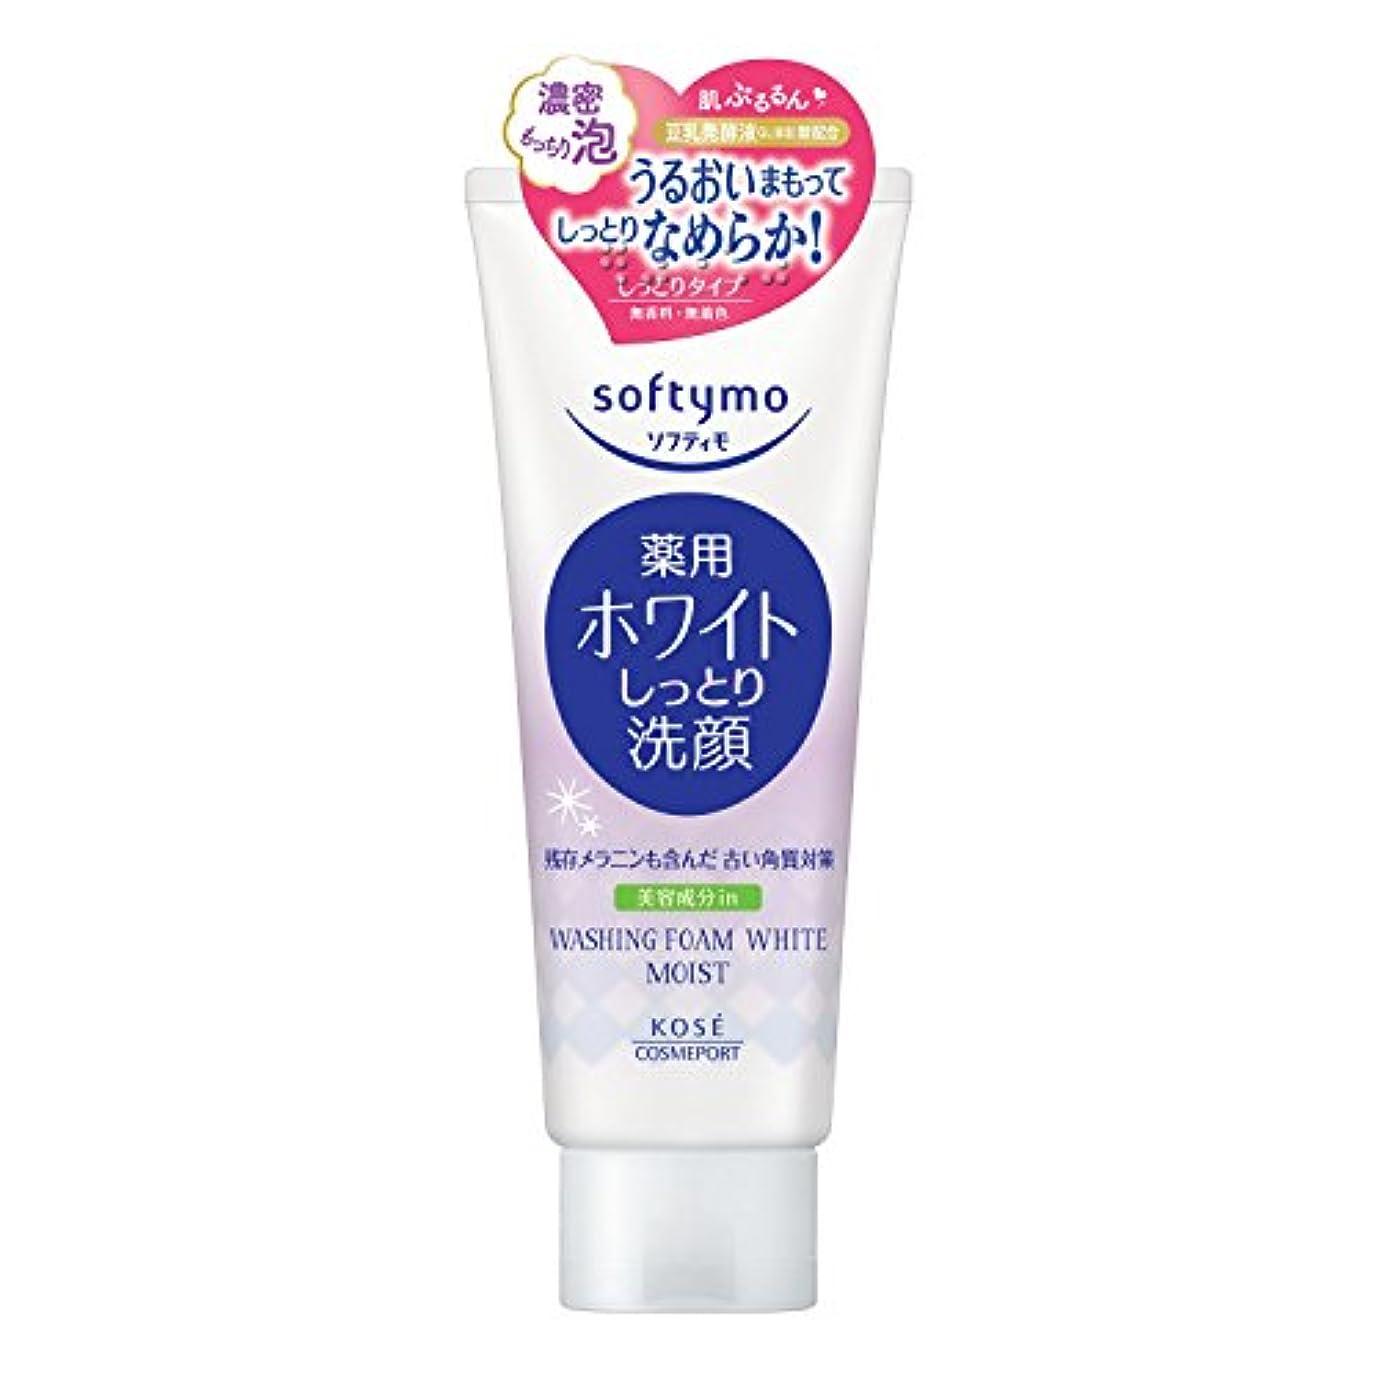 柔らかい足わかりやすいユーザーKOSE ソフティモ 薬用洗顔フォーム(ホワイト)しっとり【医薬部外品】